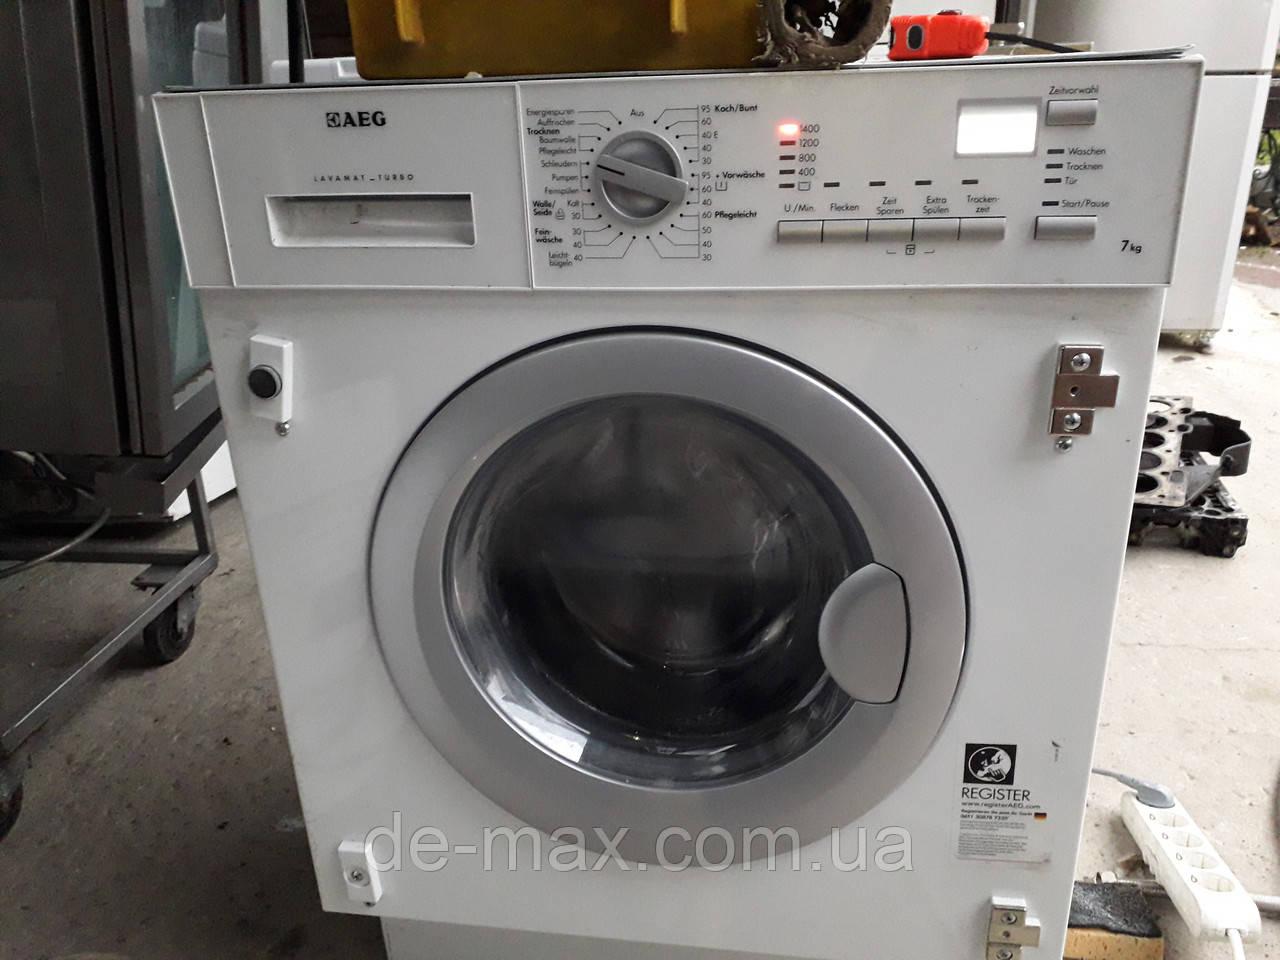 Стирально-сушильная машина встраиваемая AEG L 61470 WDBI